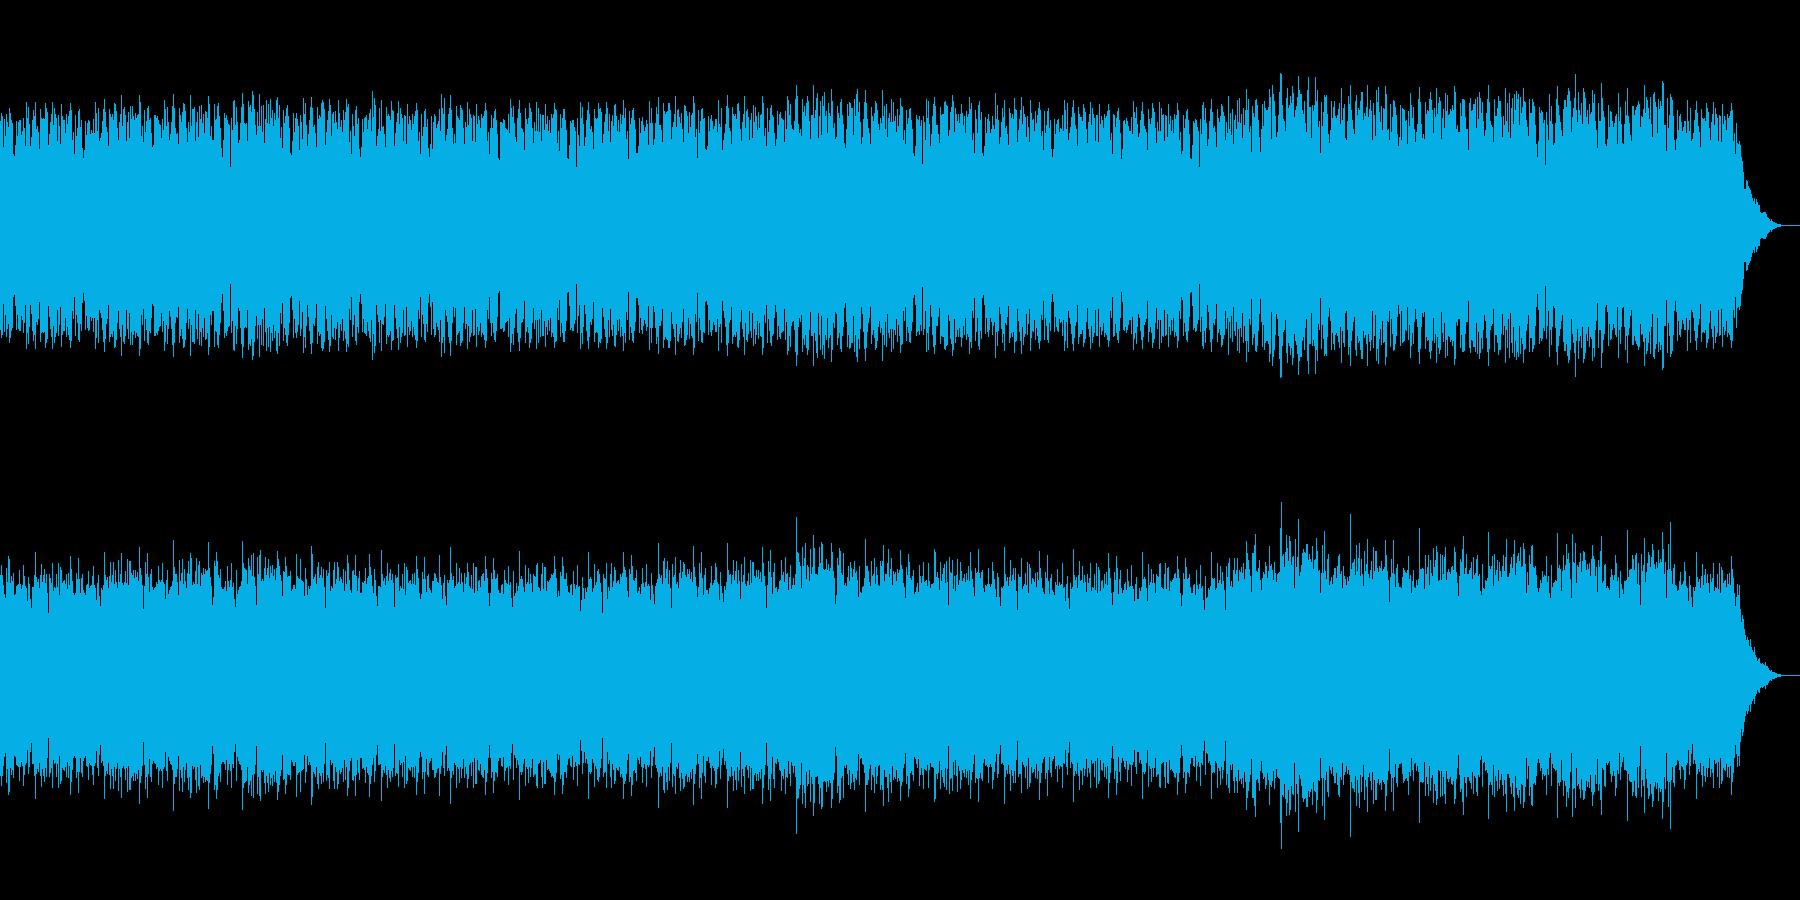 お化け屋敷 怪談 ホラー(背景用)の再生済みの波形